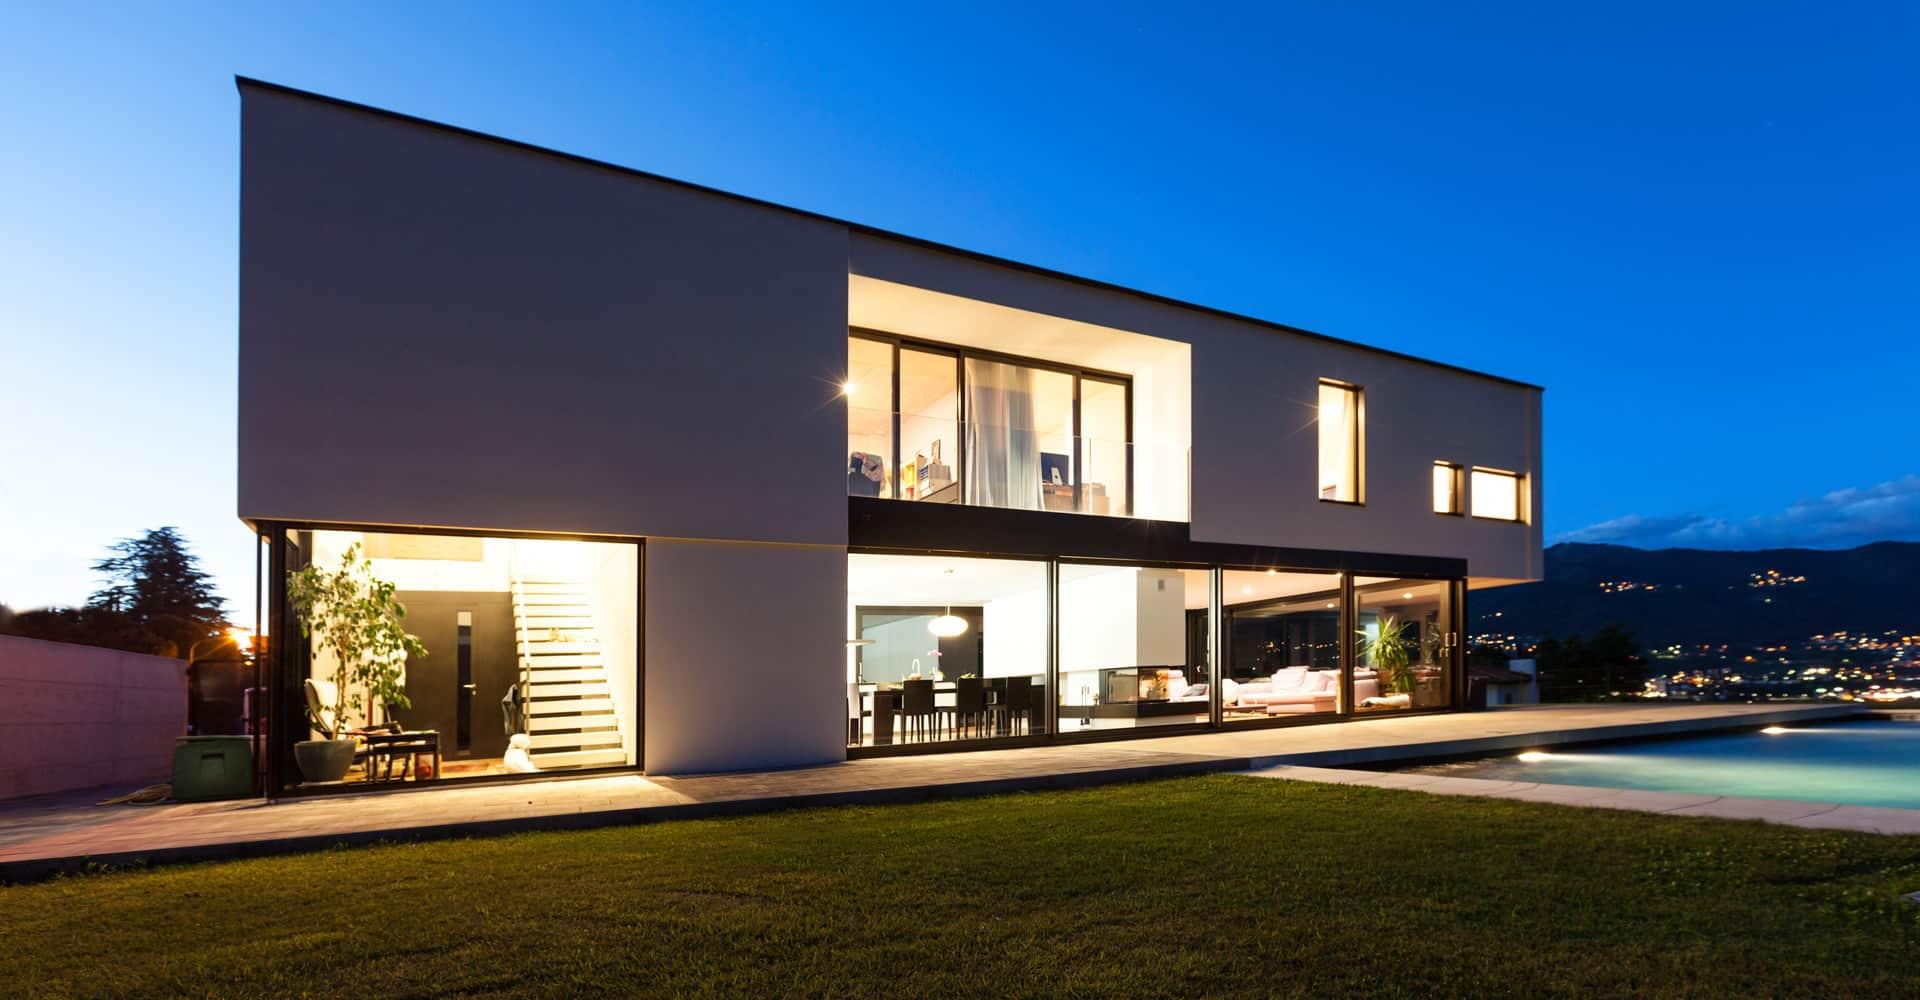 Designerhaus bauen: rfahrungen und ipps size: 1920 x 1000 post ID: 5 File size: 0 B